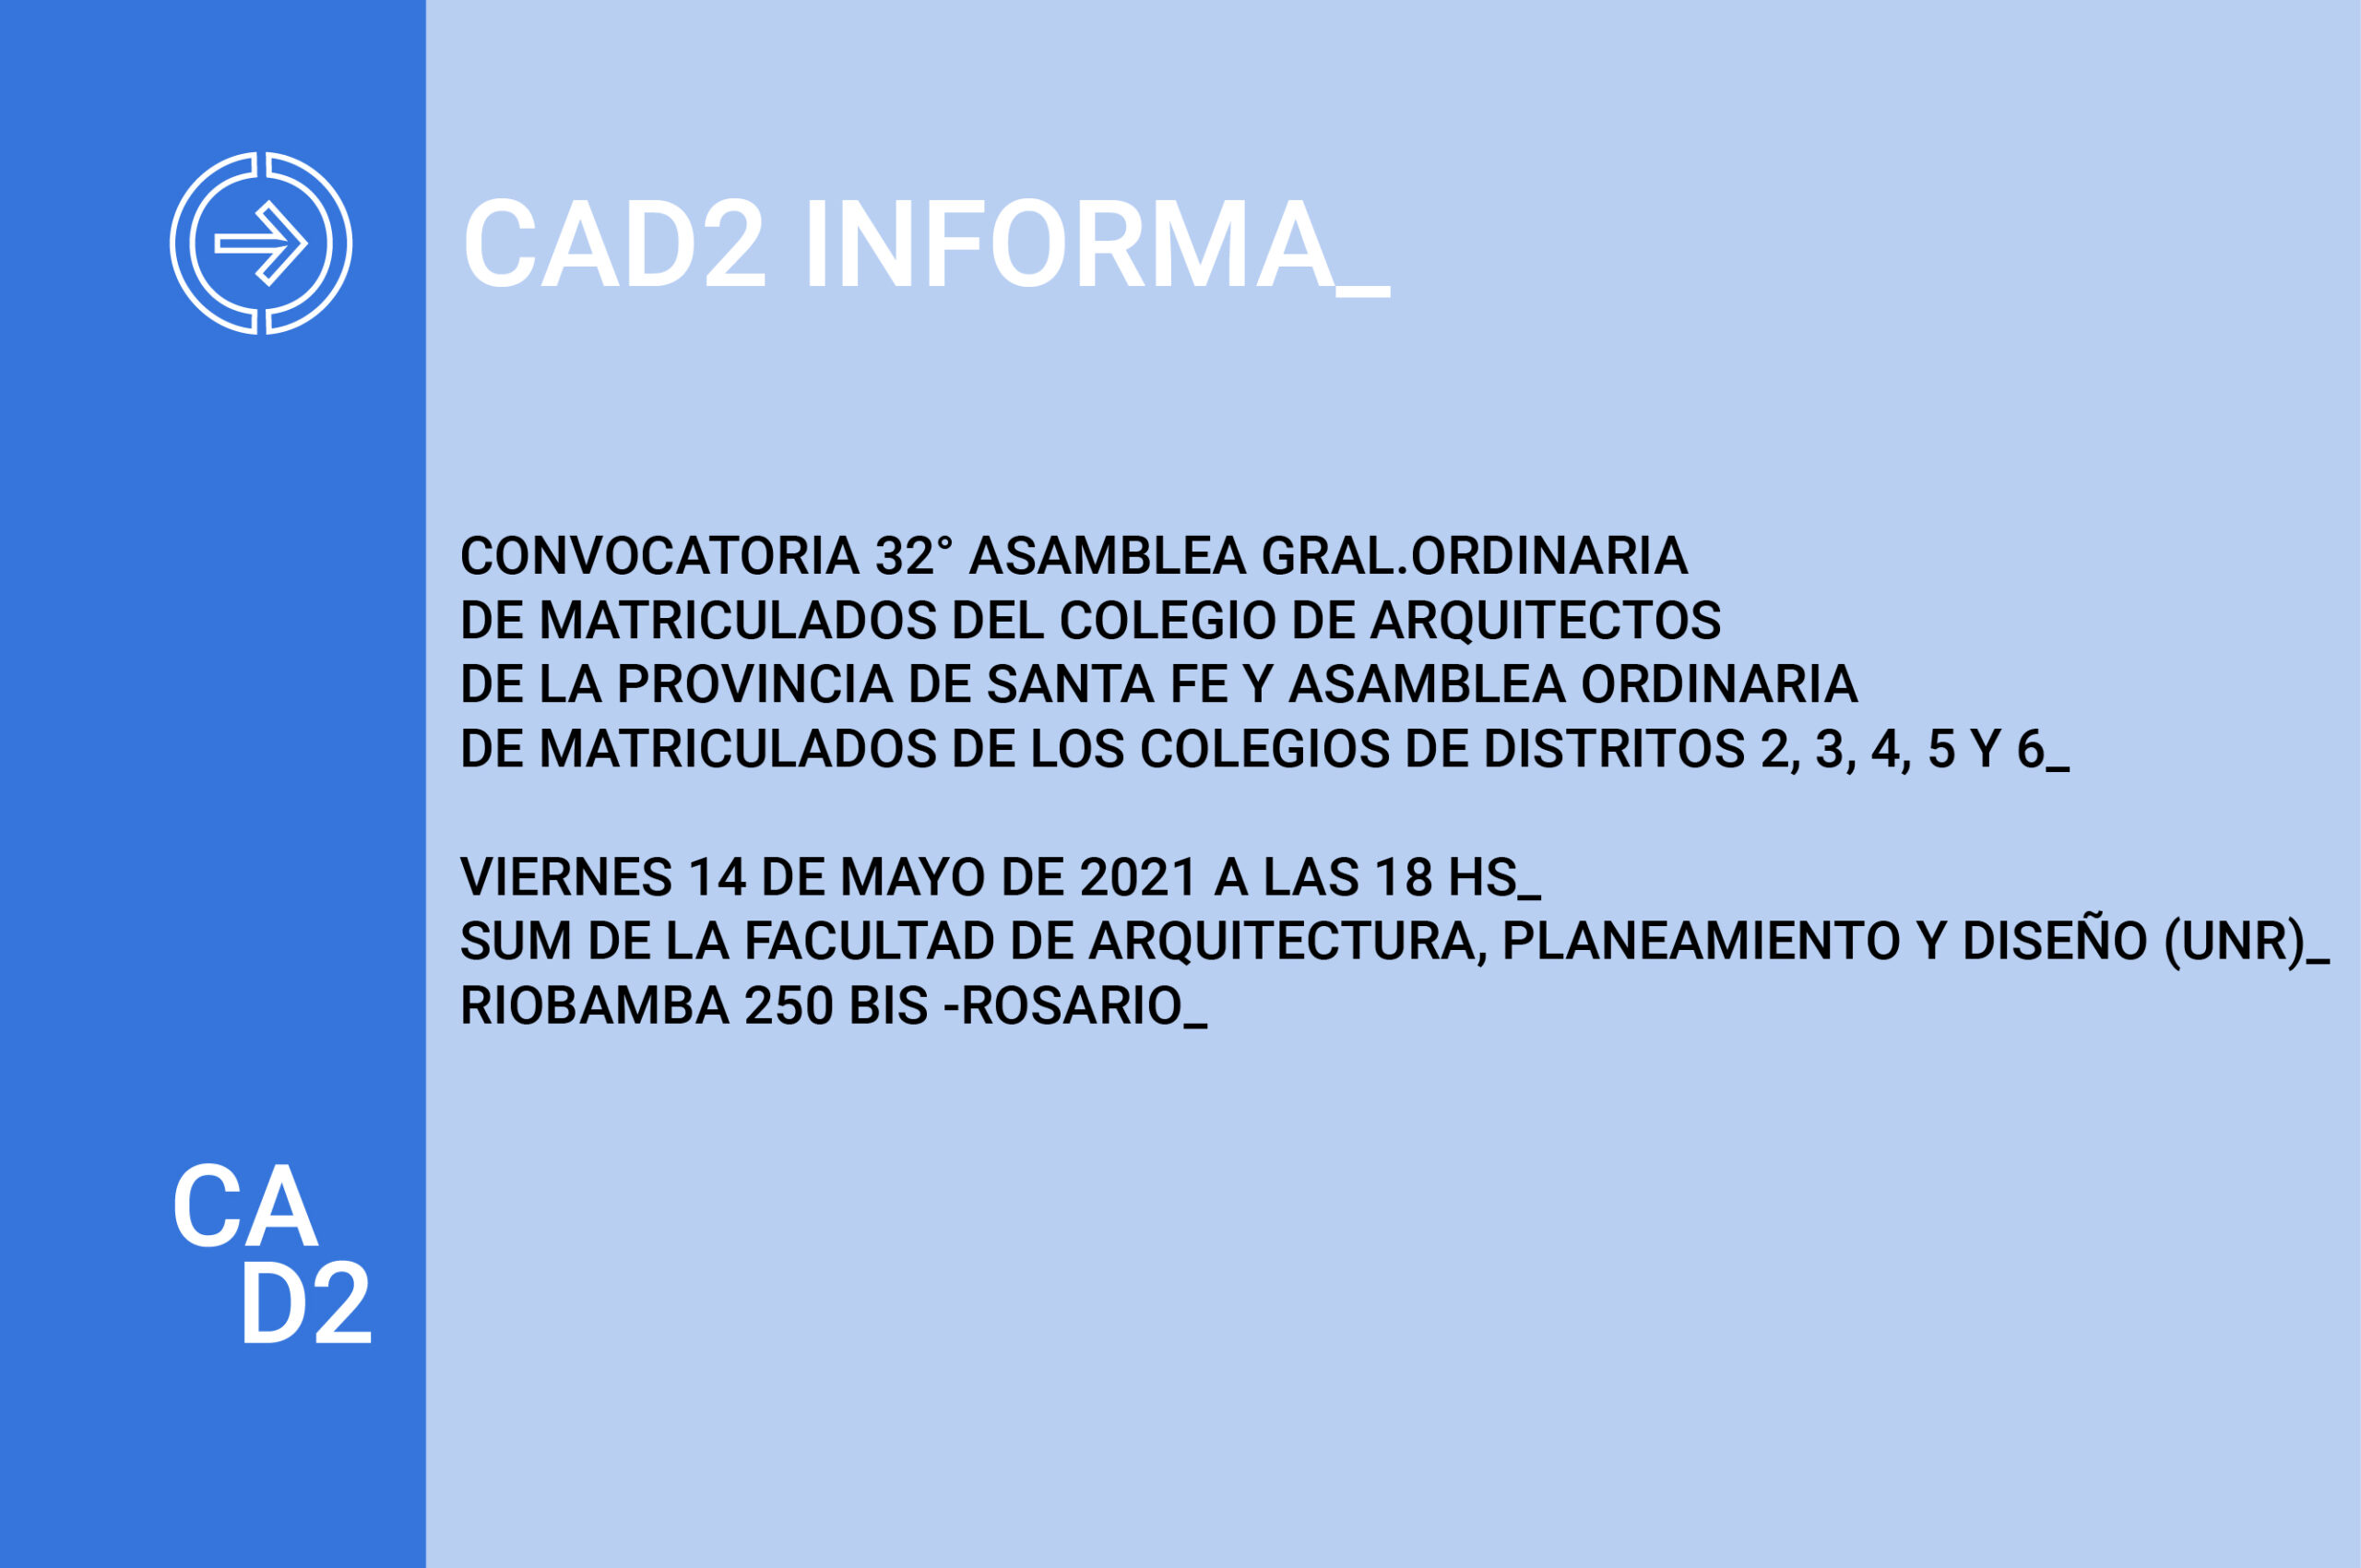 CONVOCATORIA ASAMBLEA ORDINARIA DE MATRICULADOS DE LOS COLEGIOS DE DISTRITOS 2, 3, 4, 5 Y 6